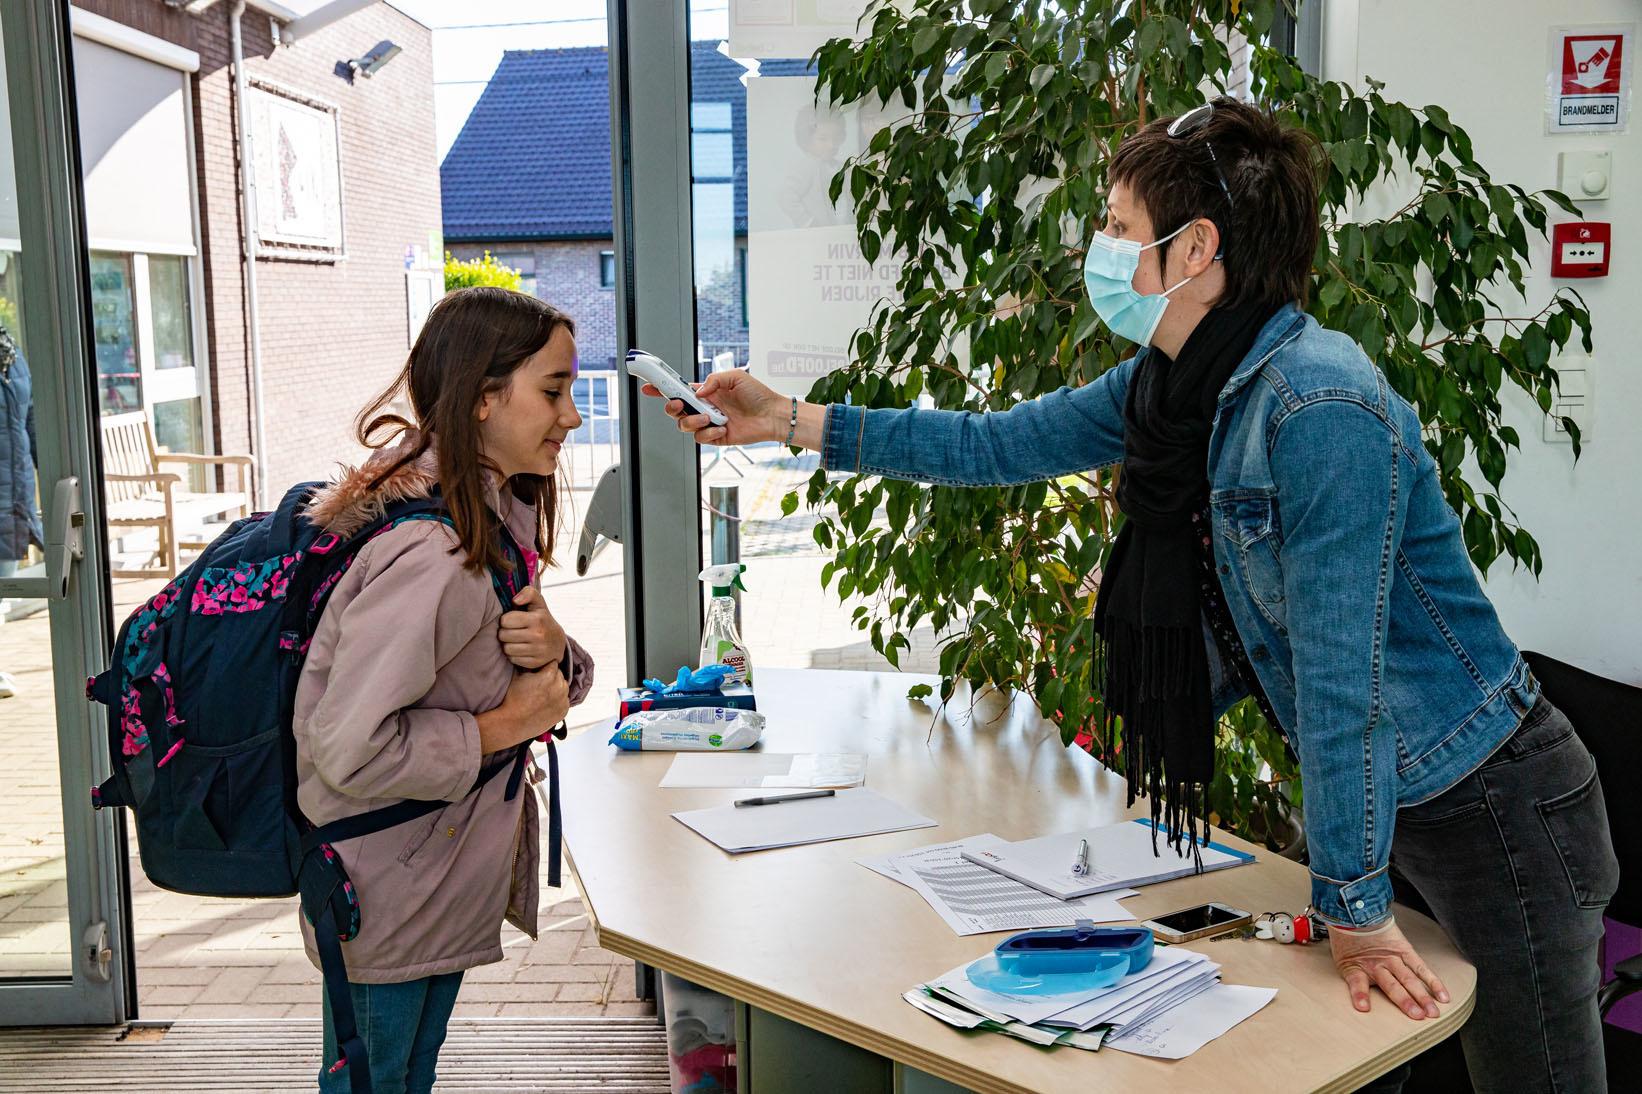 école primaire Olfa Elsdonk à Edegem, Anvers, le vendredi 15 mai 2020, Belga Images